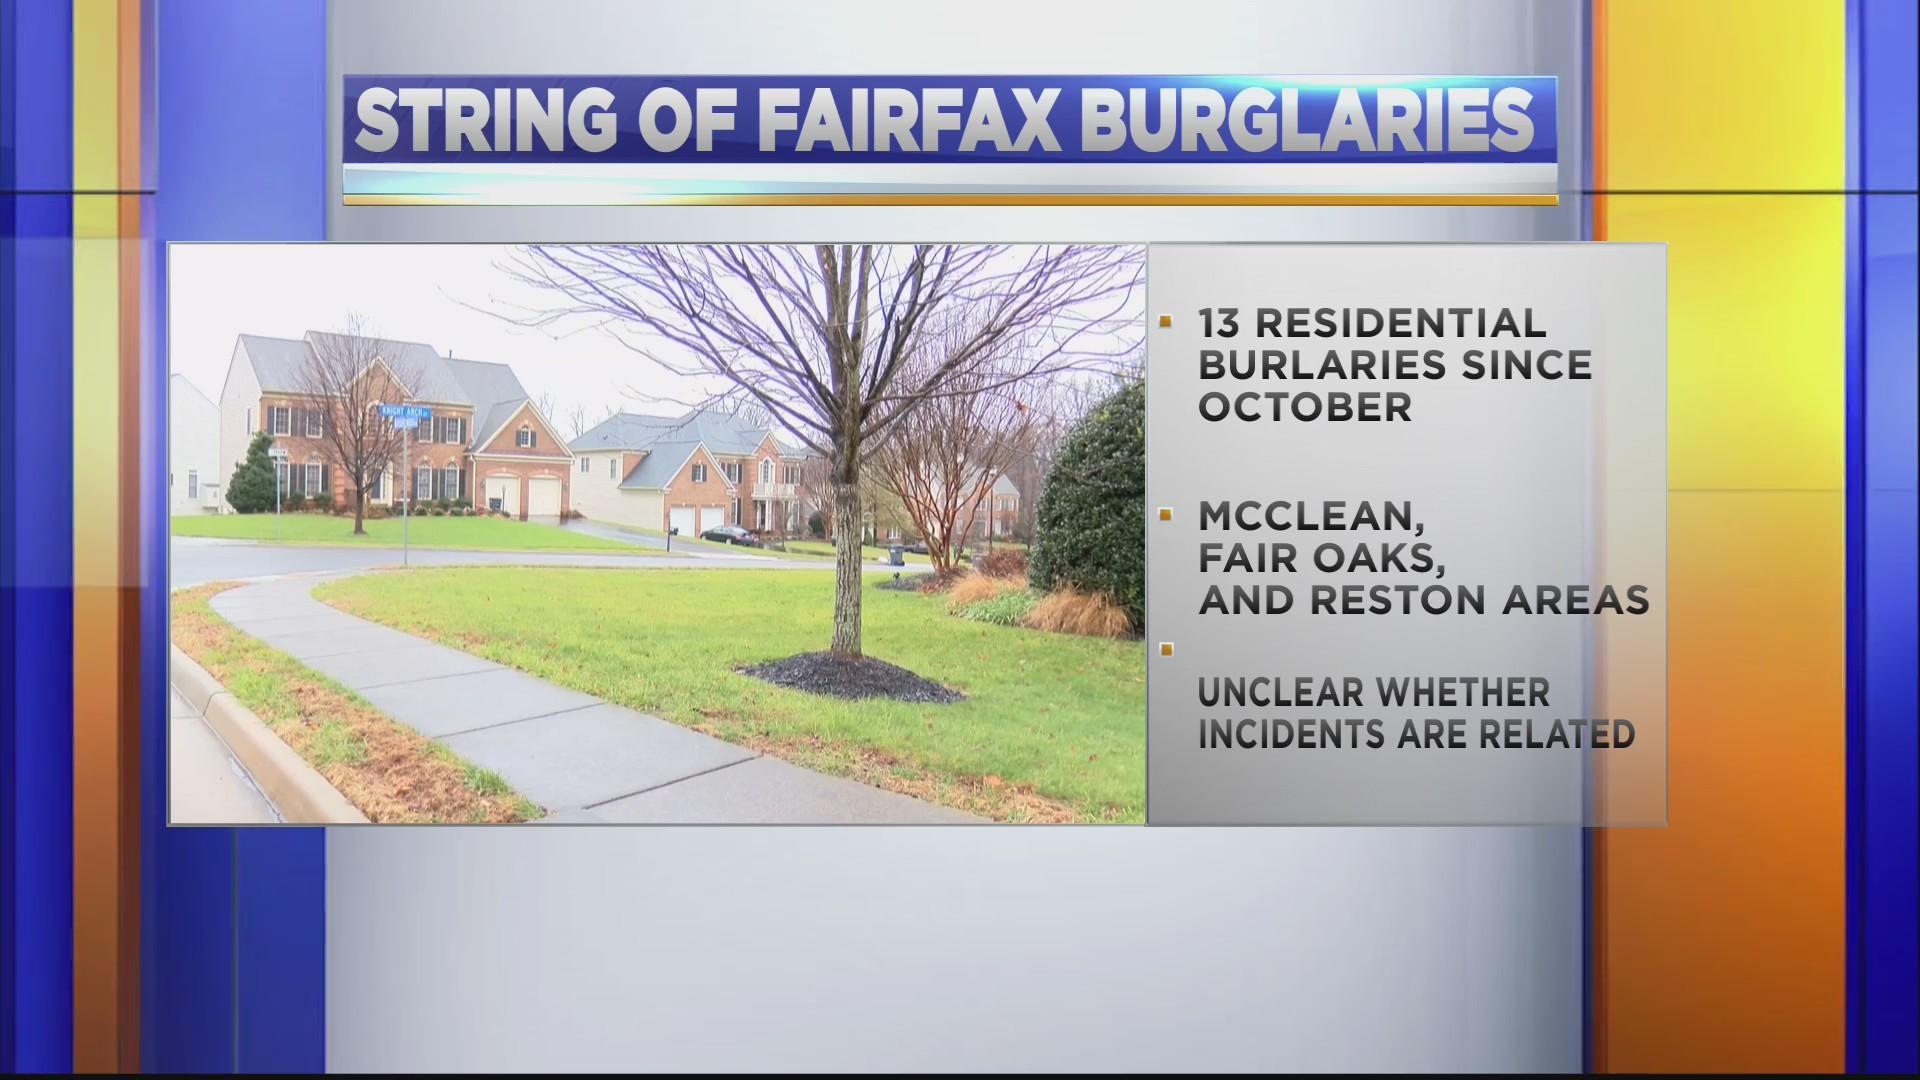 Fairfax_burglaries_0_20181228221906